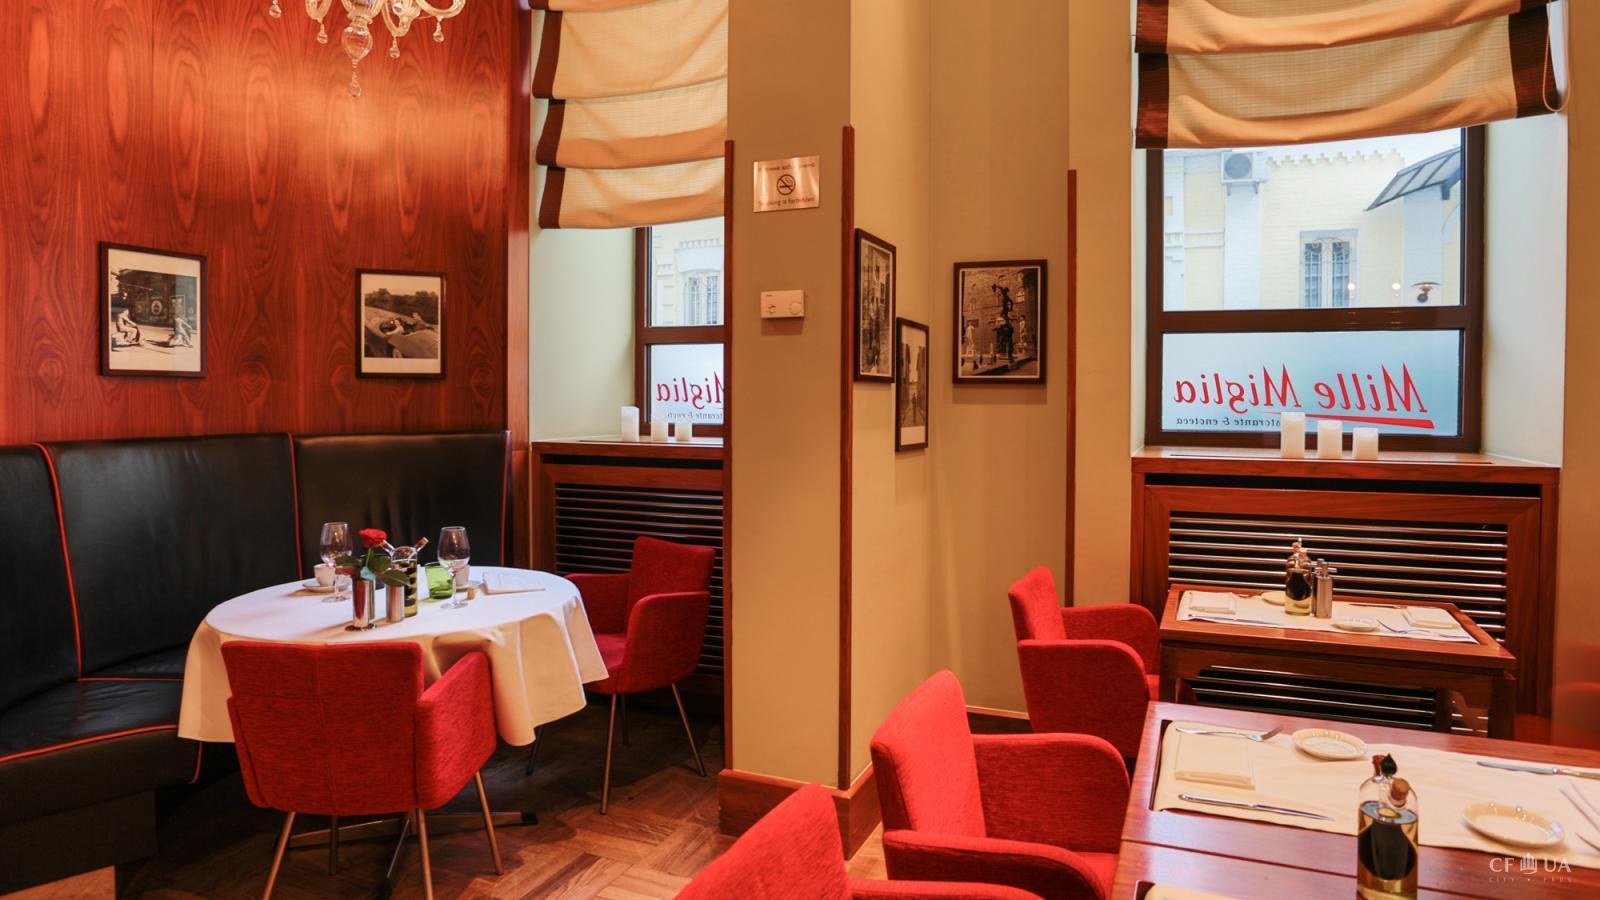 Ресторан мишлен в риме